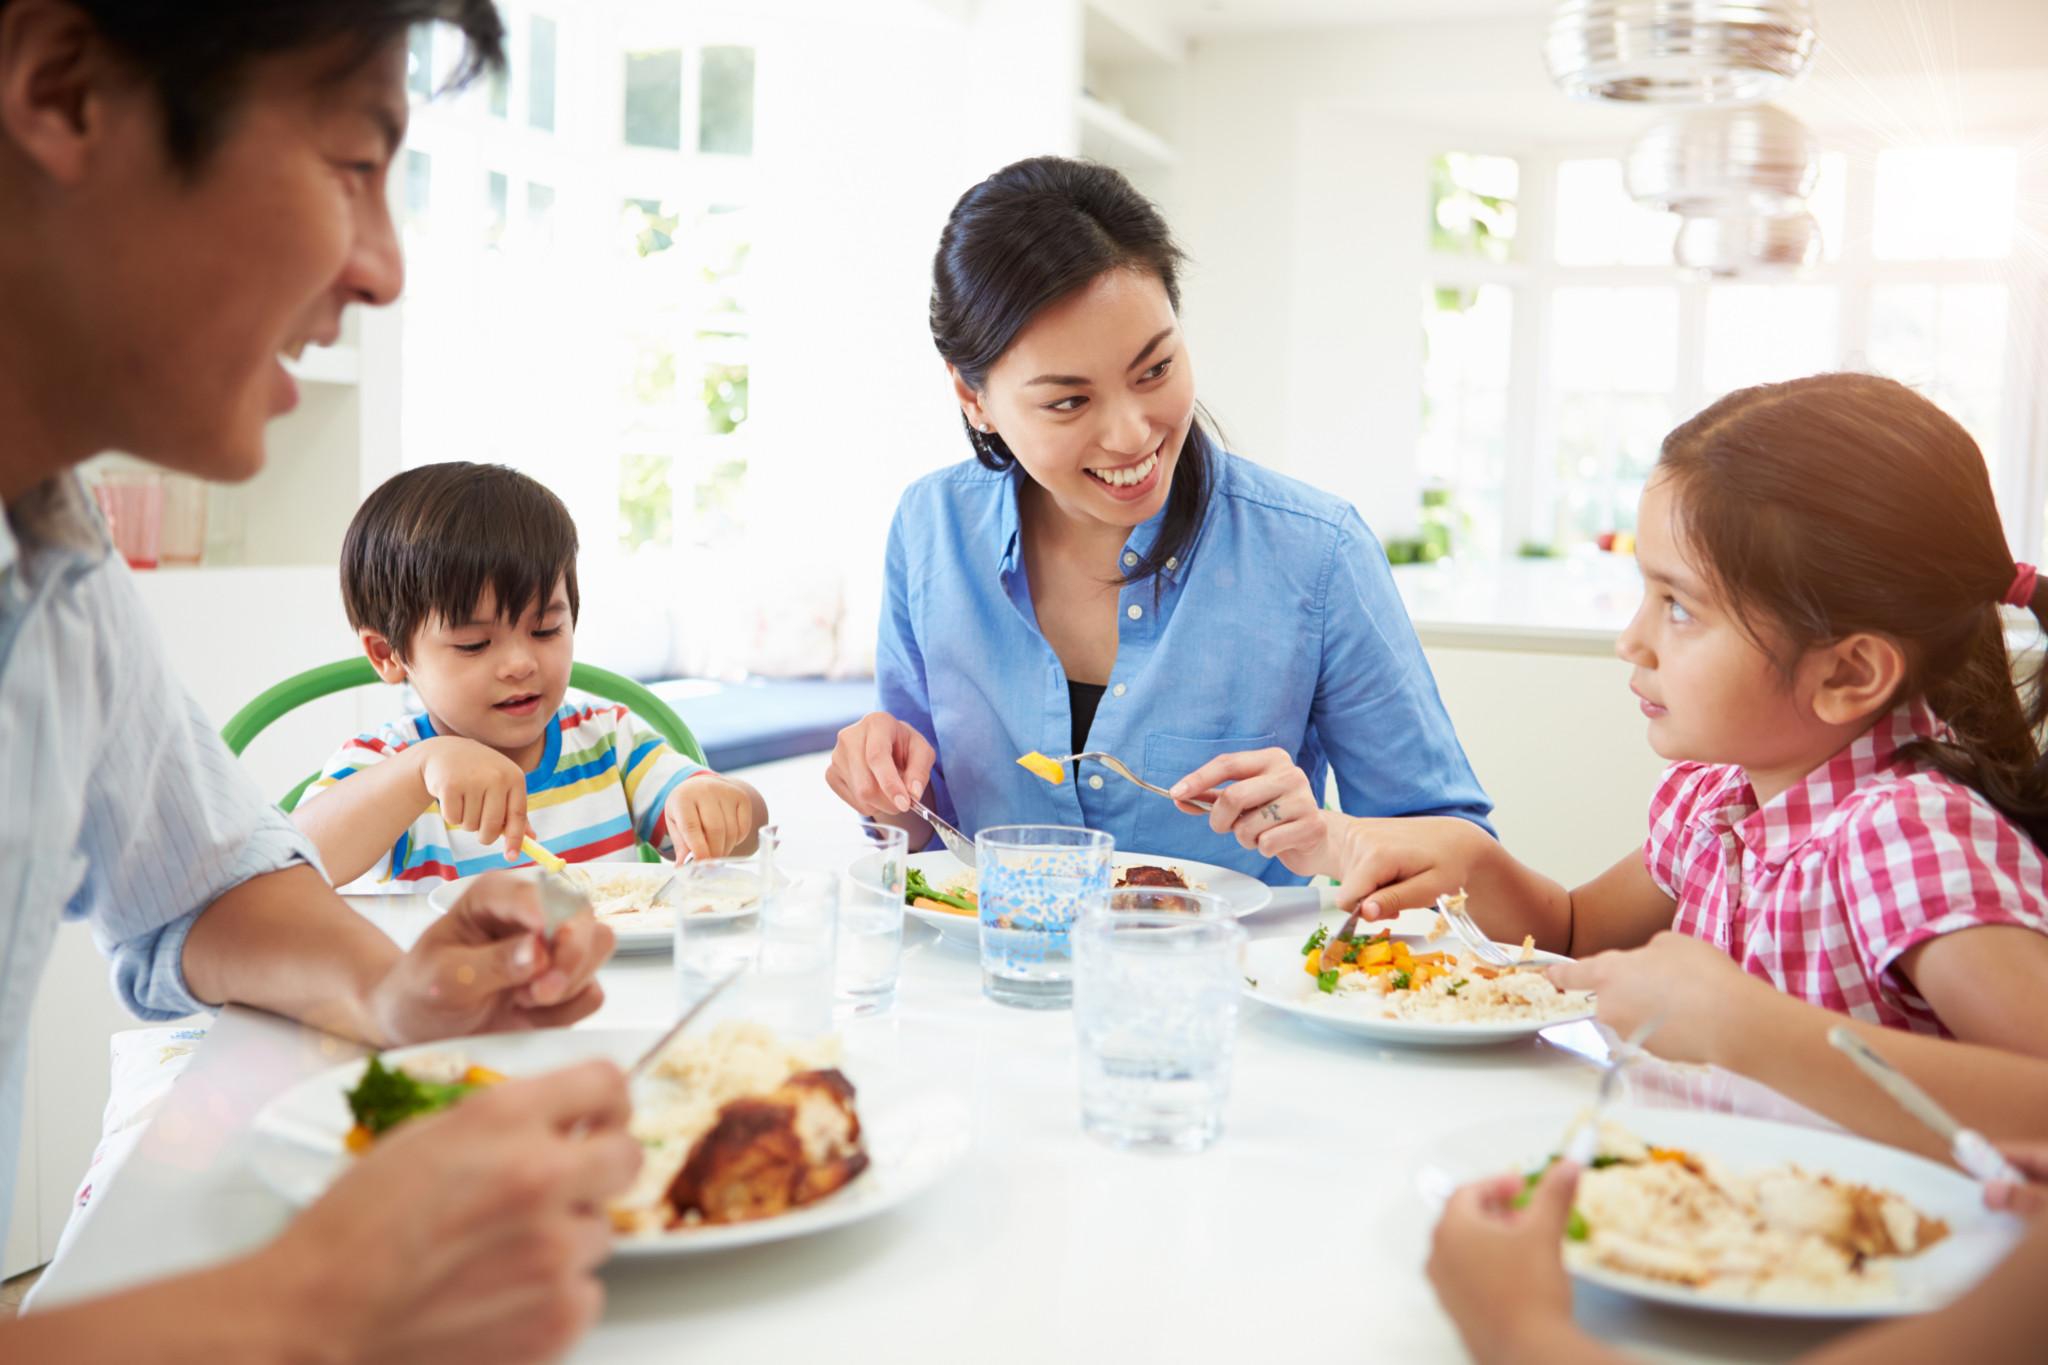 Những thói quen ăn uống tốt cho sức khỏe mà người trẻ nào cũng nên biết - Ảnh 3.